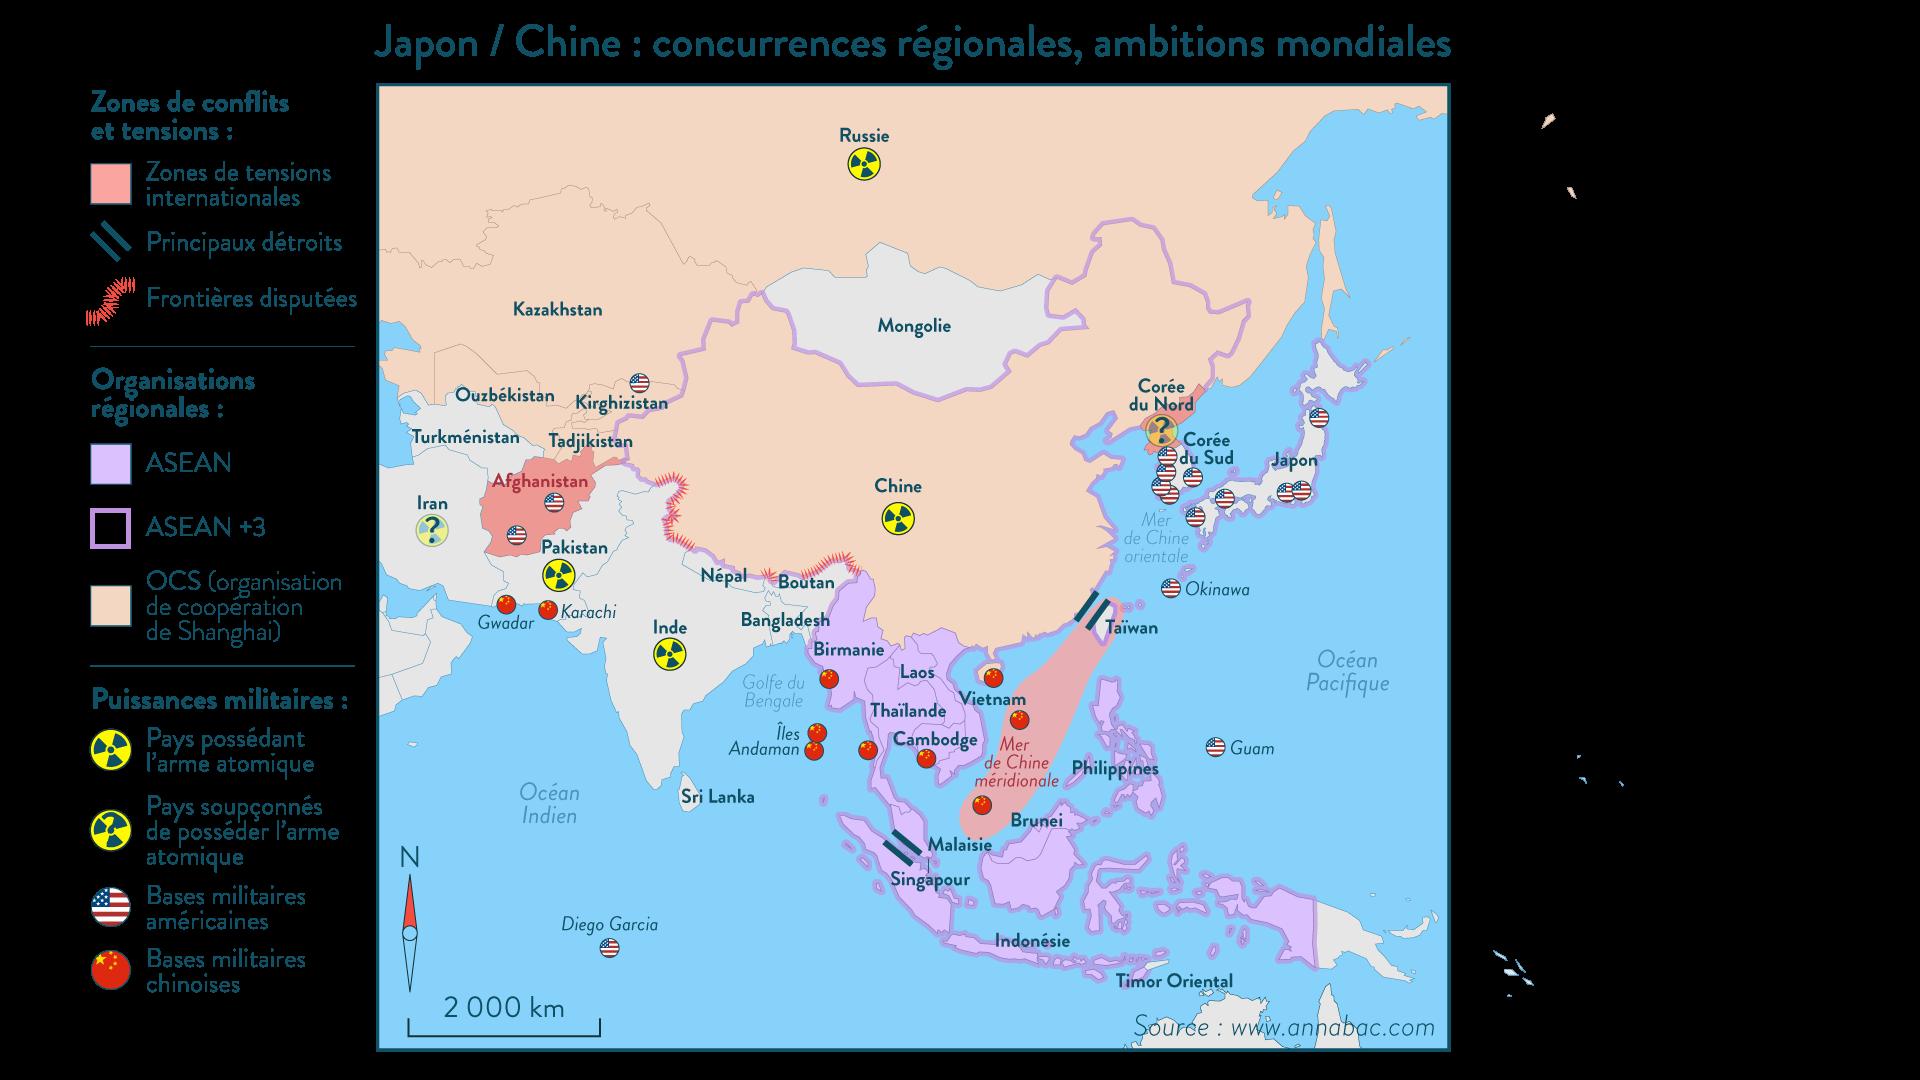 Japon / Chine : concurrences régionales, ambitions mondiales